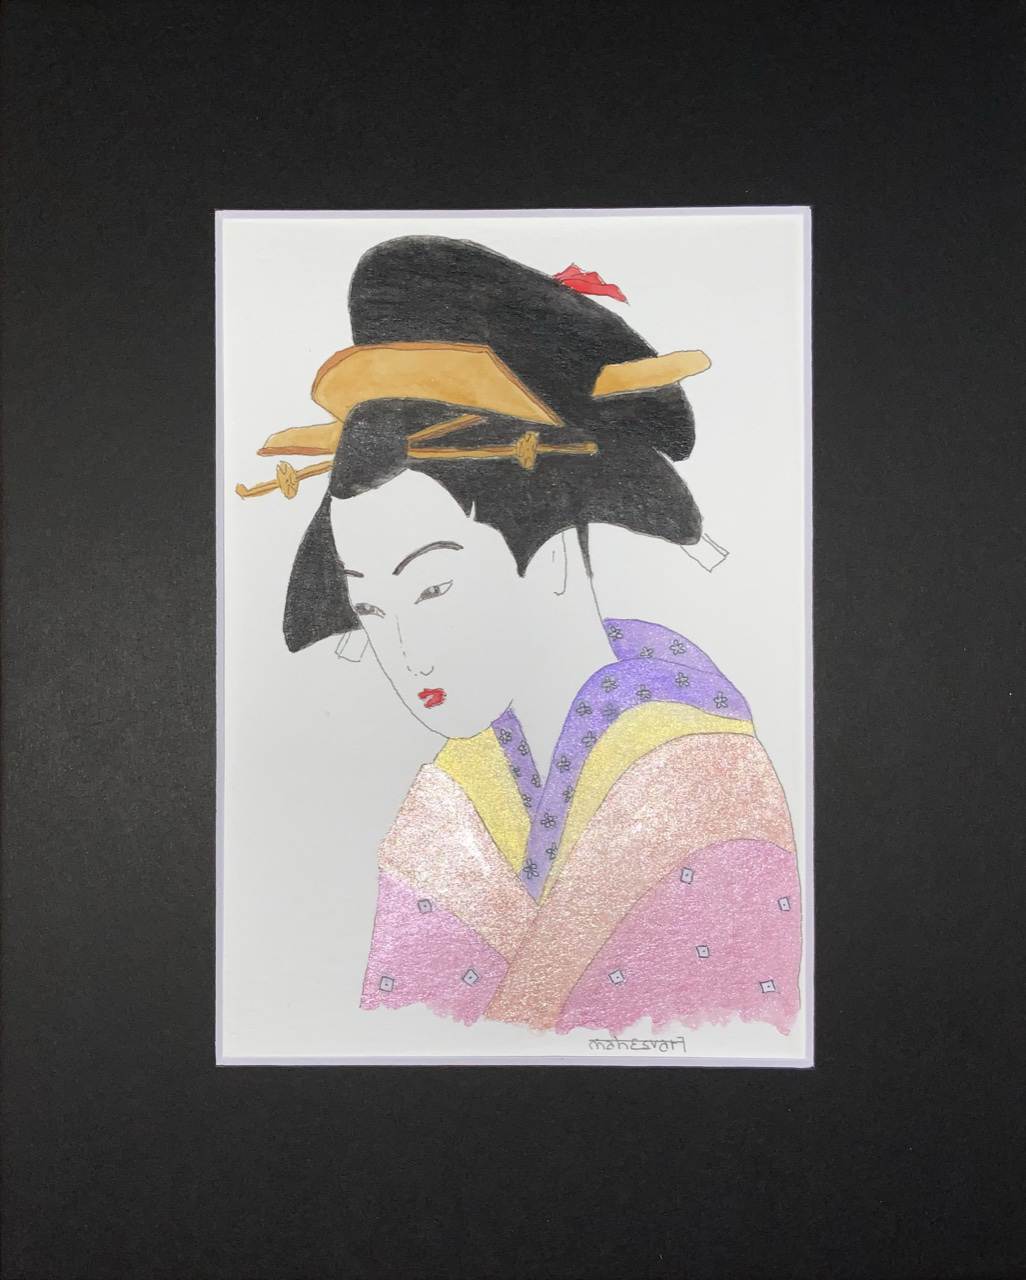 """<span style=""""color: #ff0000;""""><a style=""""color: #ff0000;"""" href=""""mailto:info@arttotalmultimedia.com?subject=Défi 15 dessins 15 semaines -  La Rose du Japon"""">Contacter l'agent de l'artiste</a></span> Mahesvari -  La Rose du Japon - 115$ (transaction directement avec l'agent de l'artiste) - encre, aquarelle et aquarelle métalisée sur papier aquarelle, 8,5 x 5,5 po avec passe-partout noir 10x8 po"""